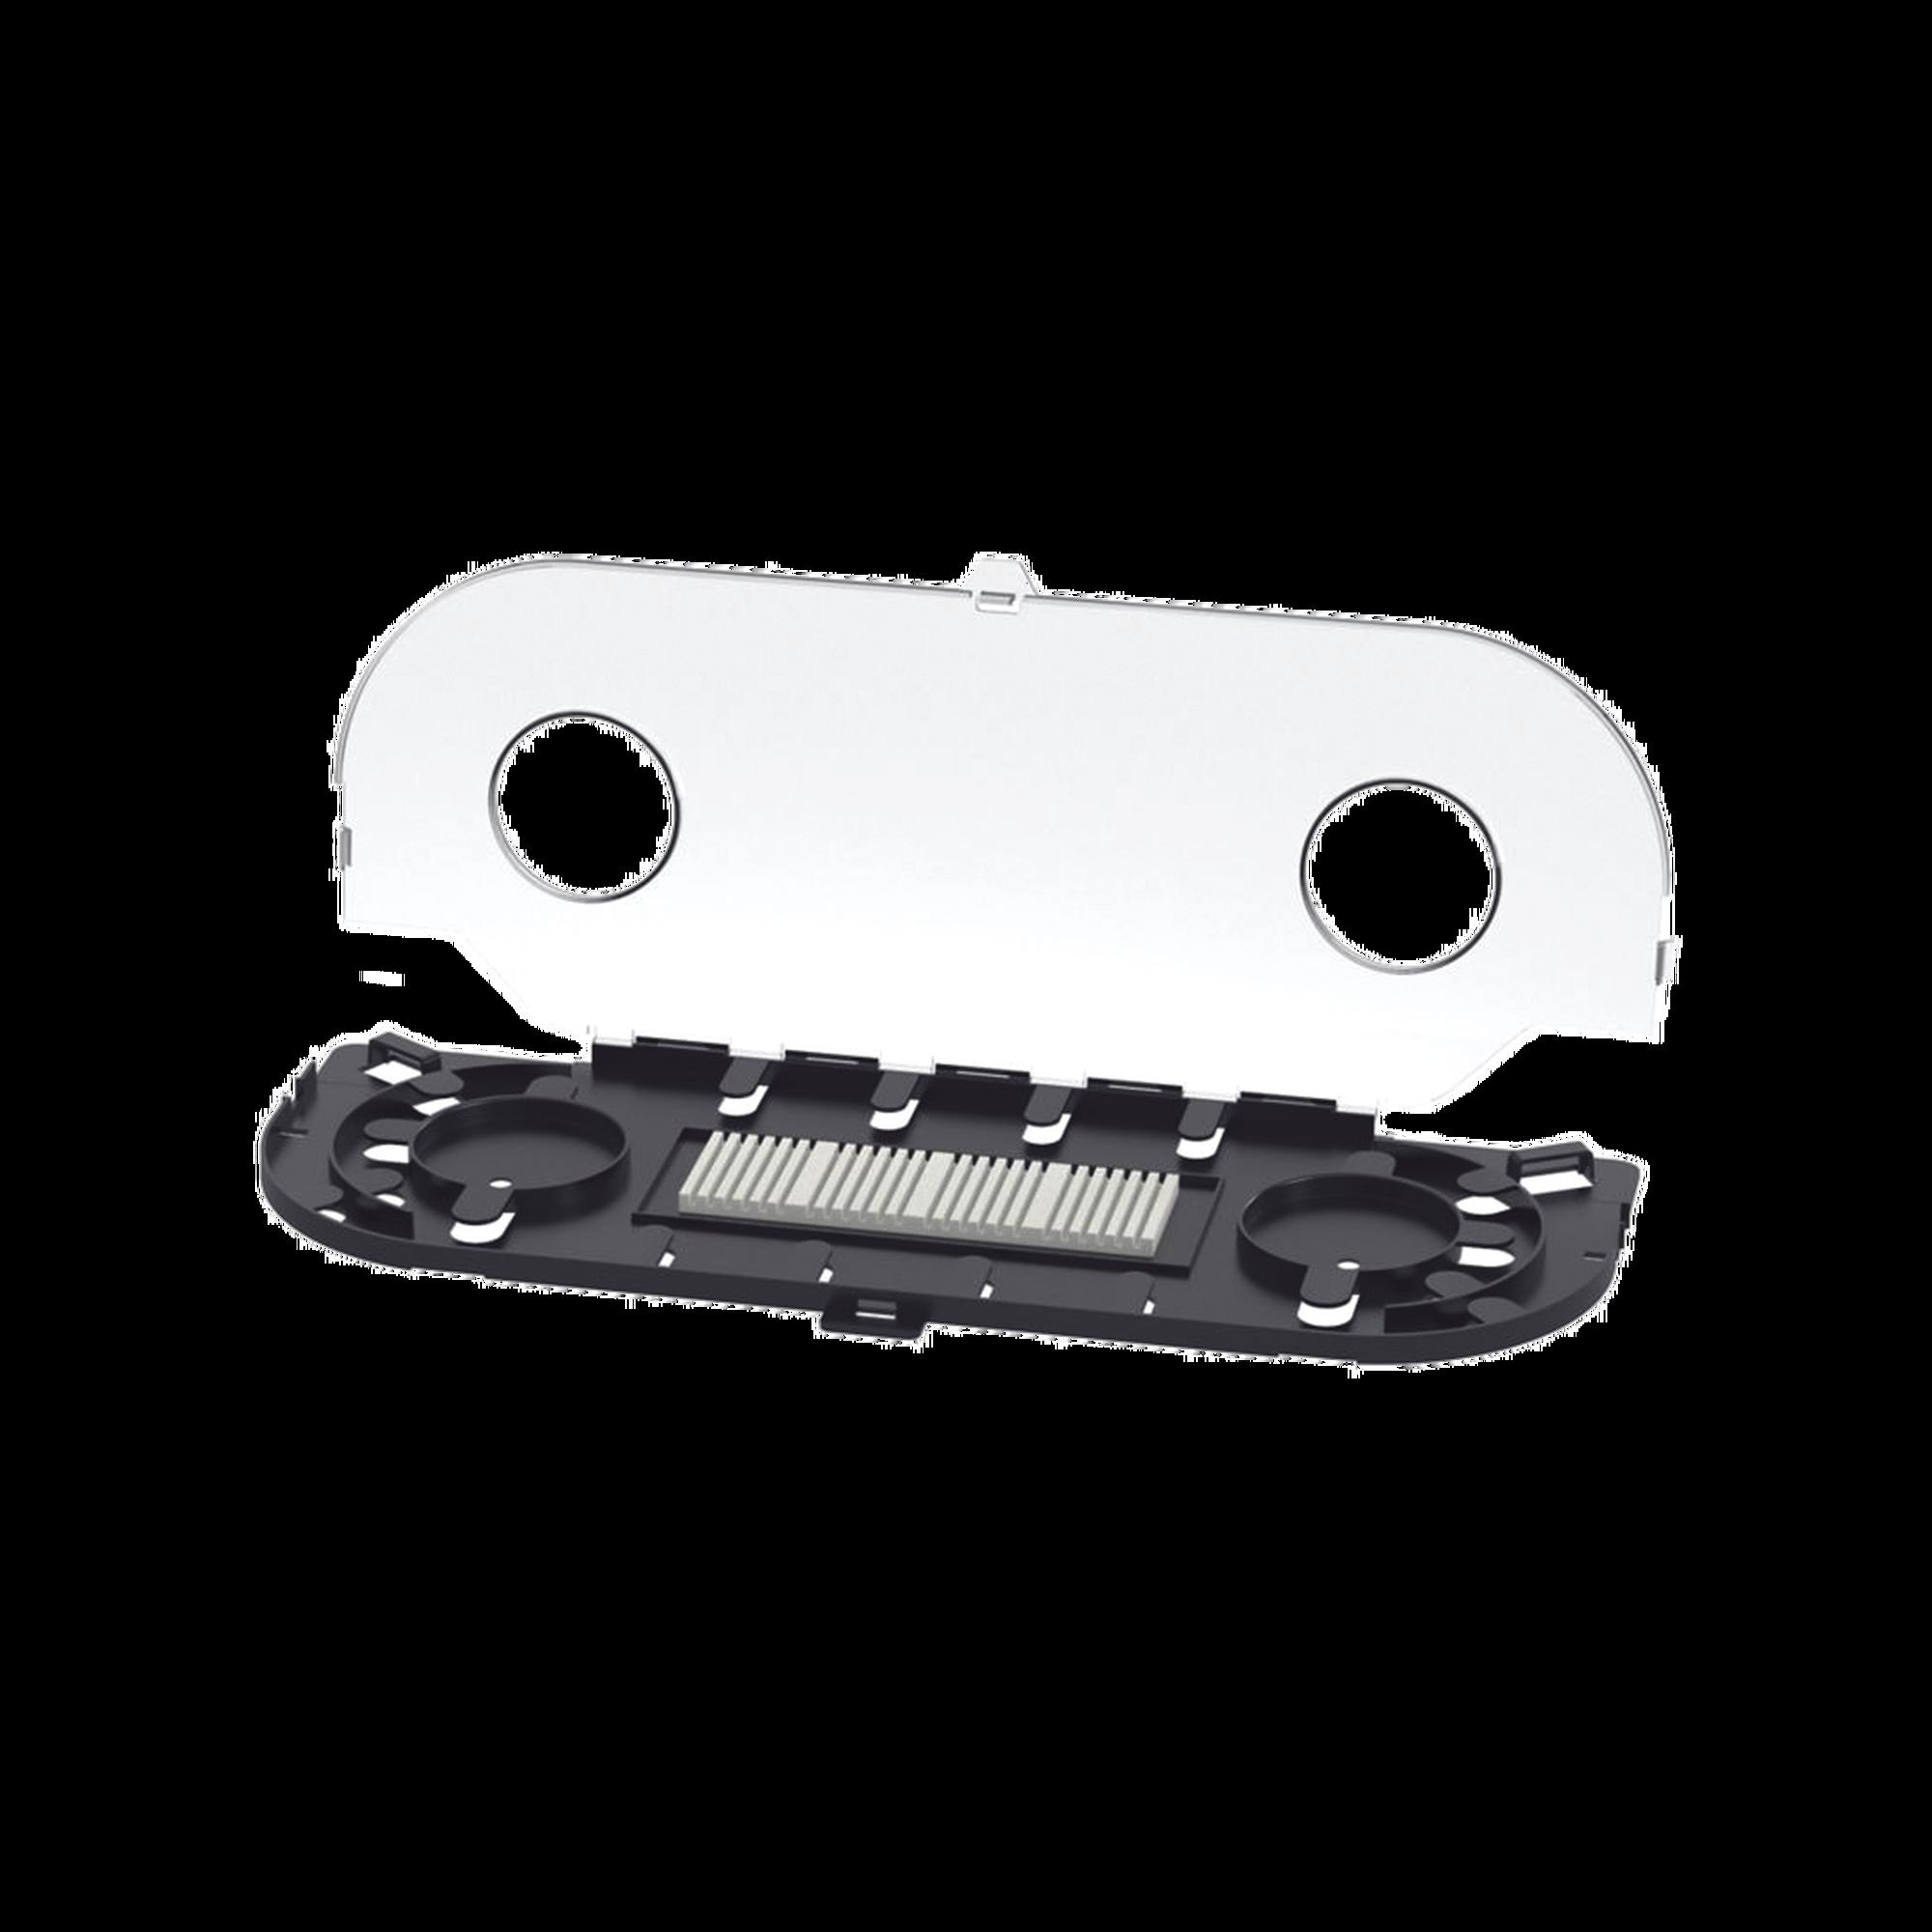 Charola de Empalme para Fibra óptica, Para Protección de 24 Empalmes de Fusión o Mecánicos, Compatible con los Paneles FCEU o FRMEU